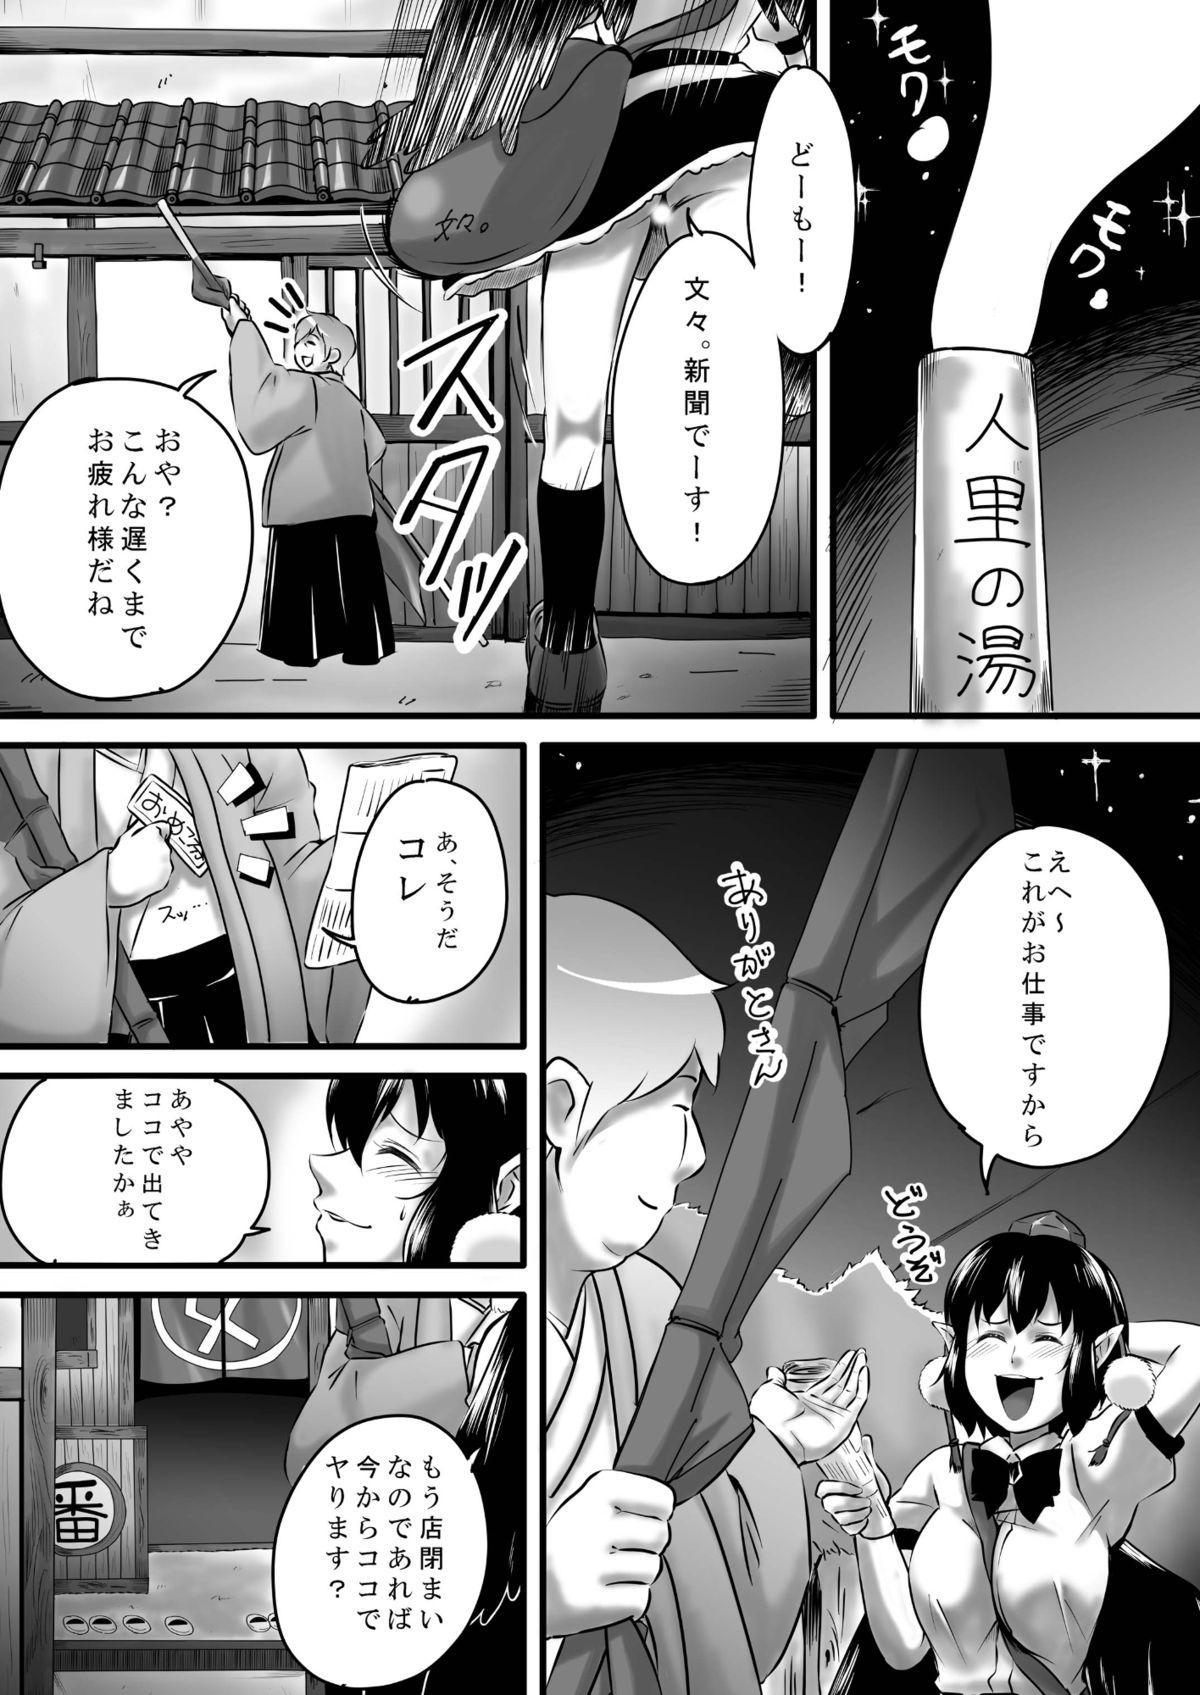 Bitching☆Bunbunmaru 5